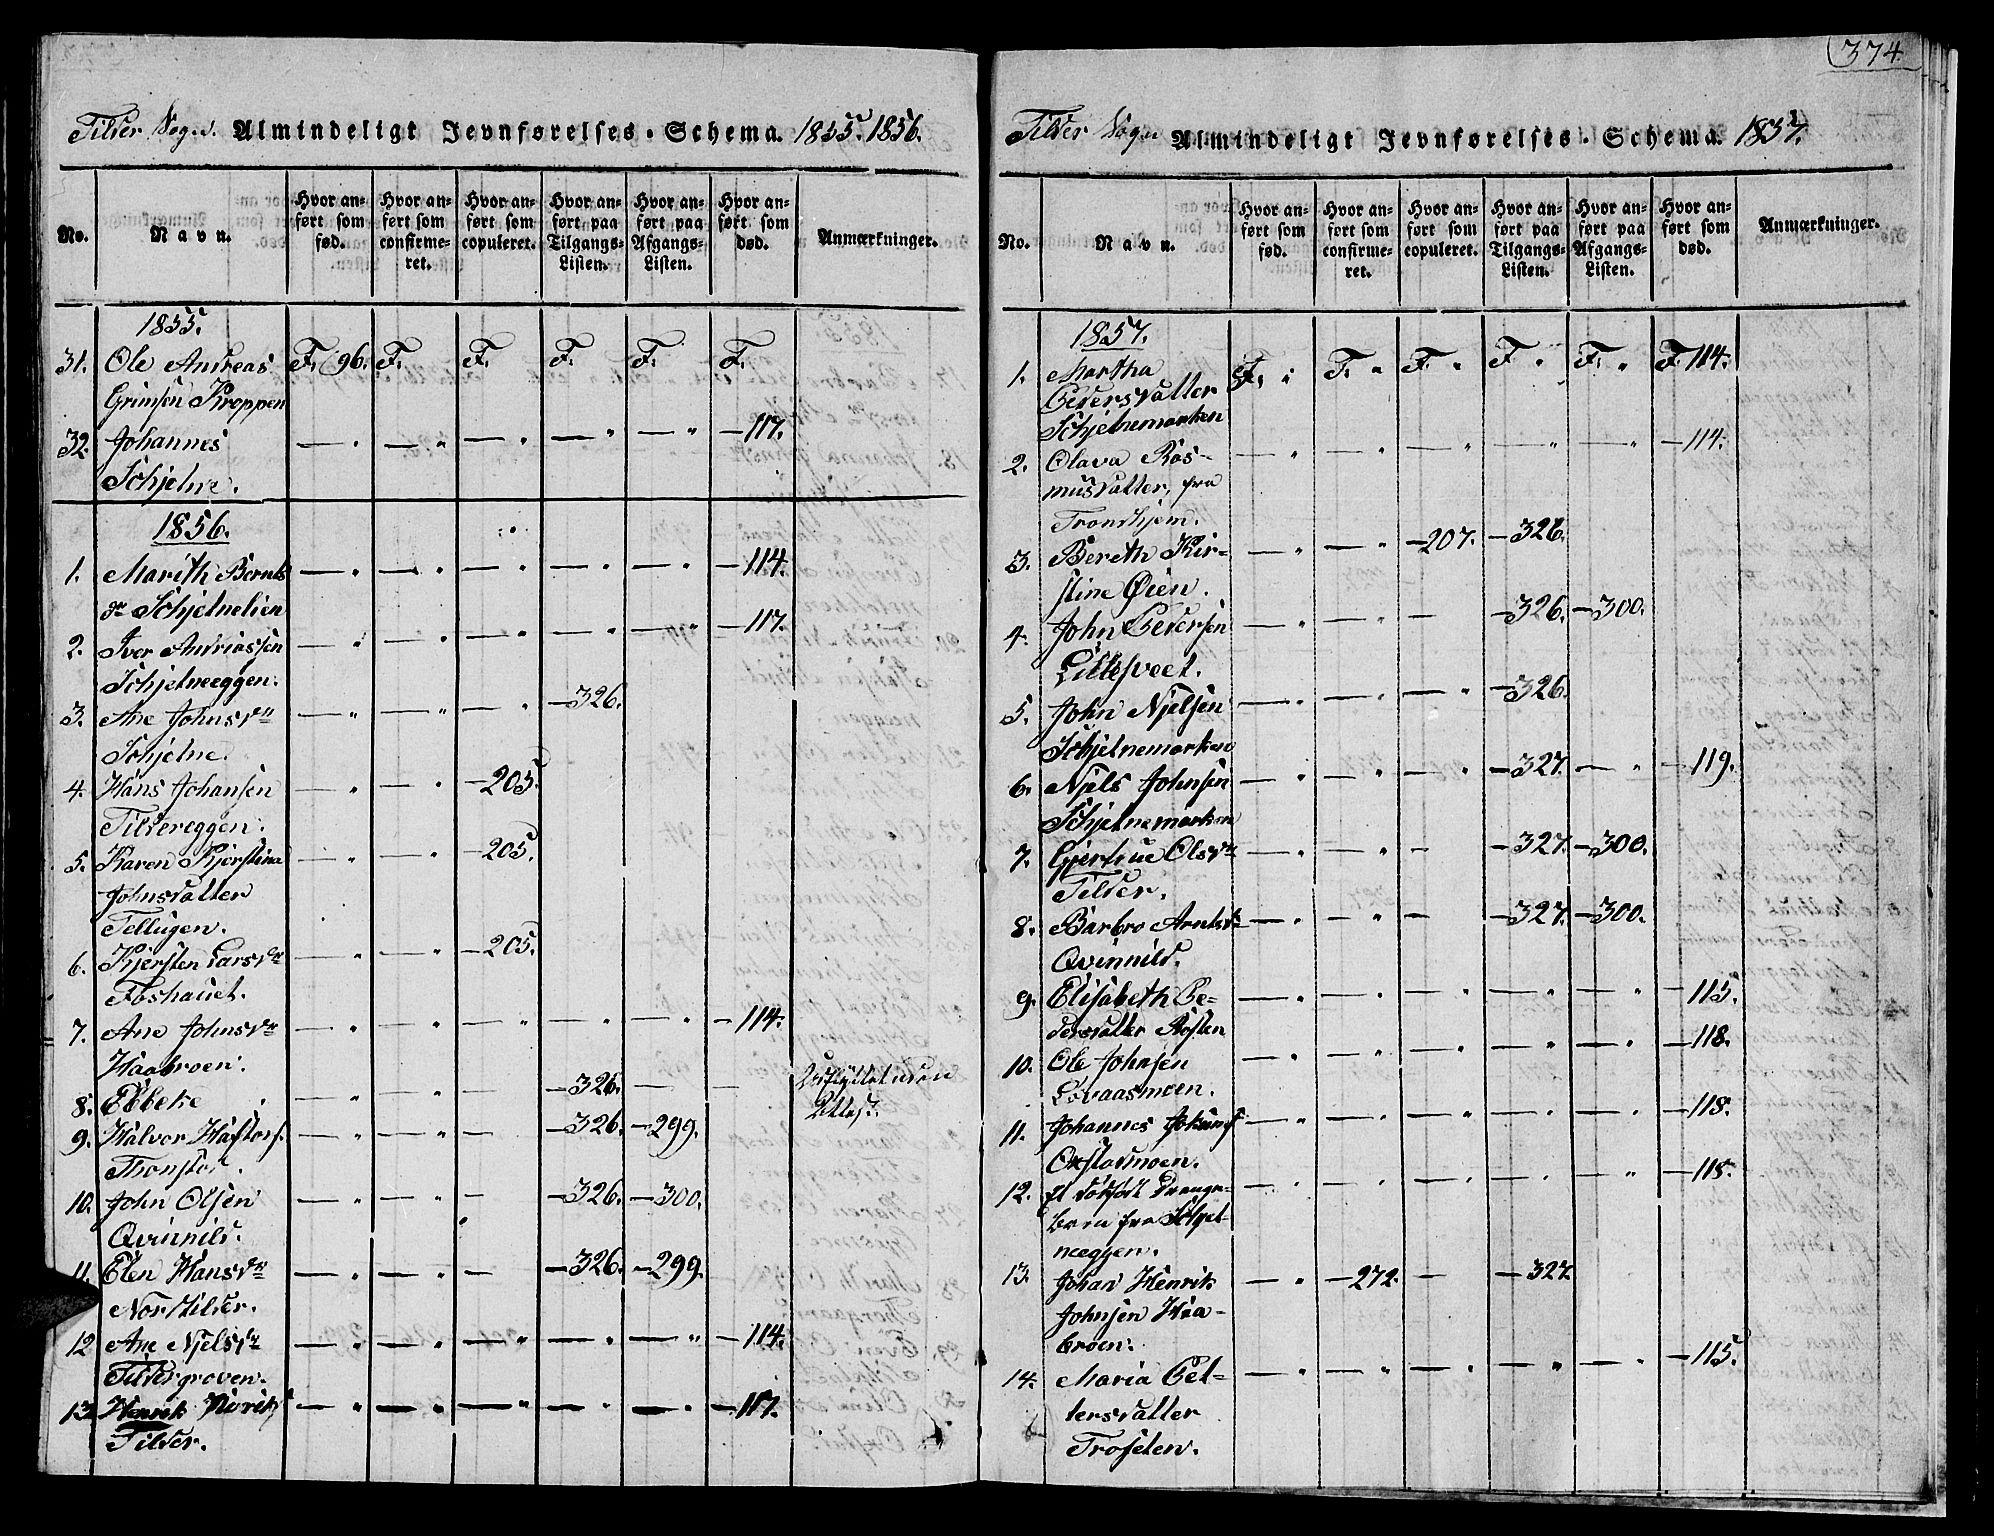 SAT, Ministerialprotokoller, klokkerbøker og fødselsregistre - Sør-Trøndelag, 621/L0458: Klokkerbok nr. 621C01, 1816-1865, s. 374